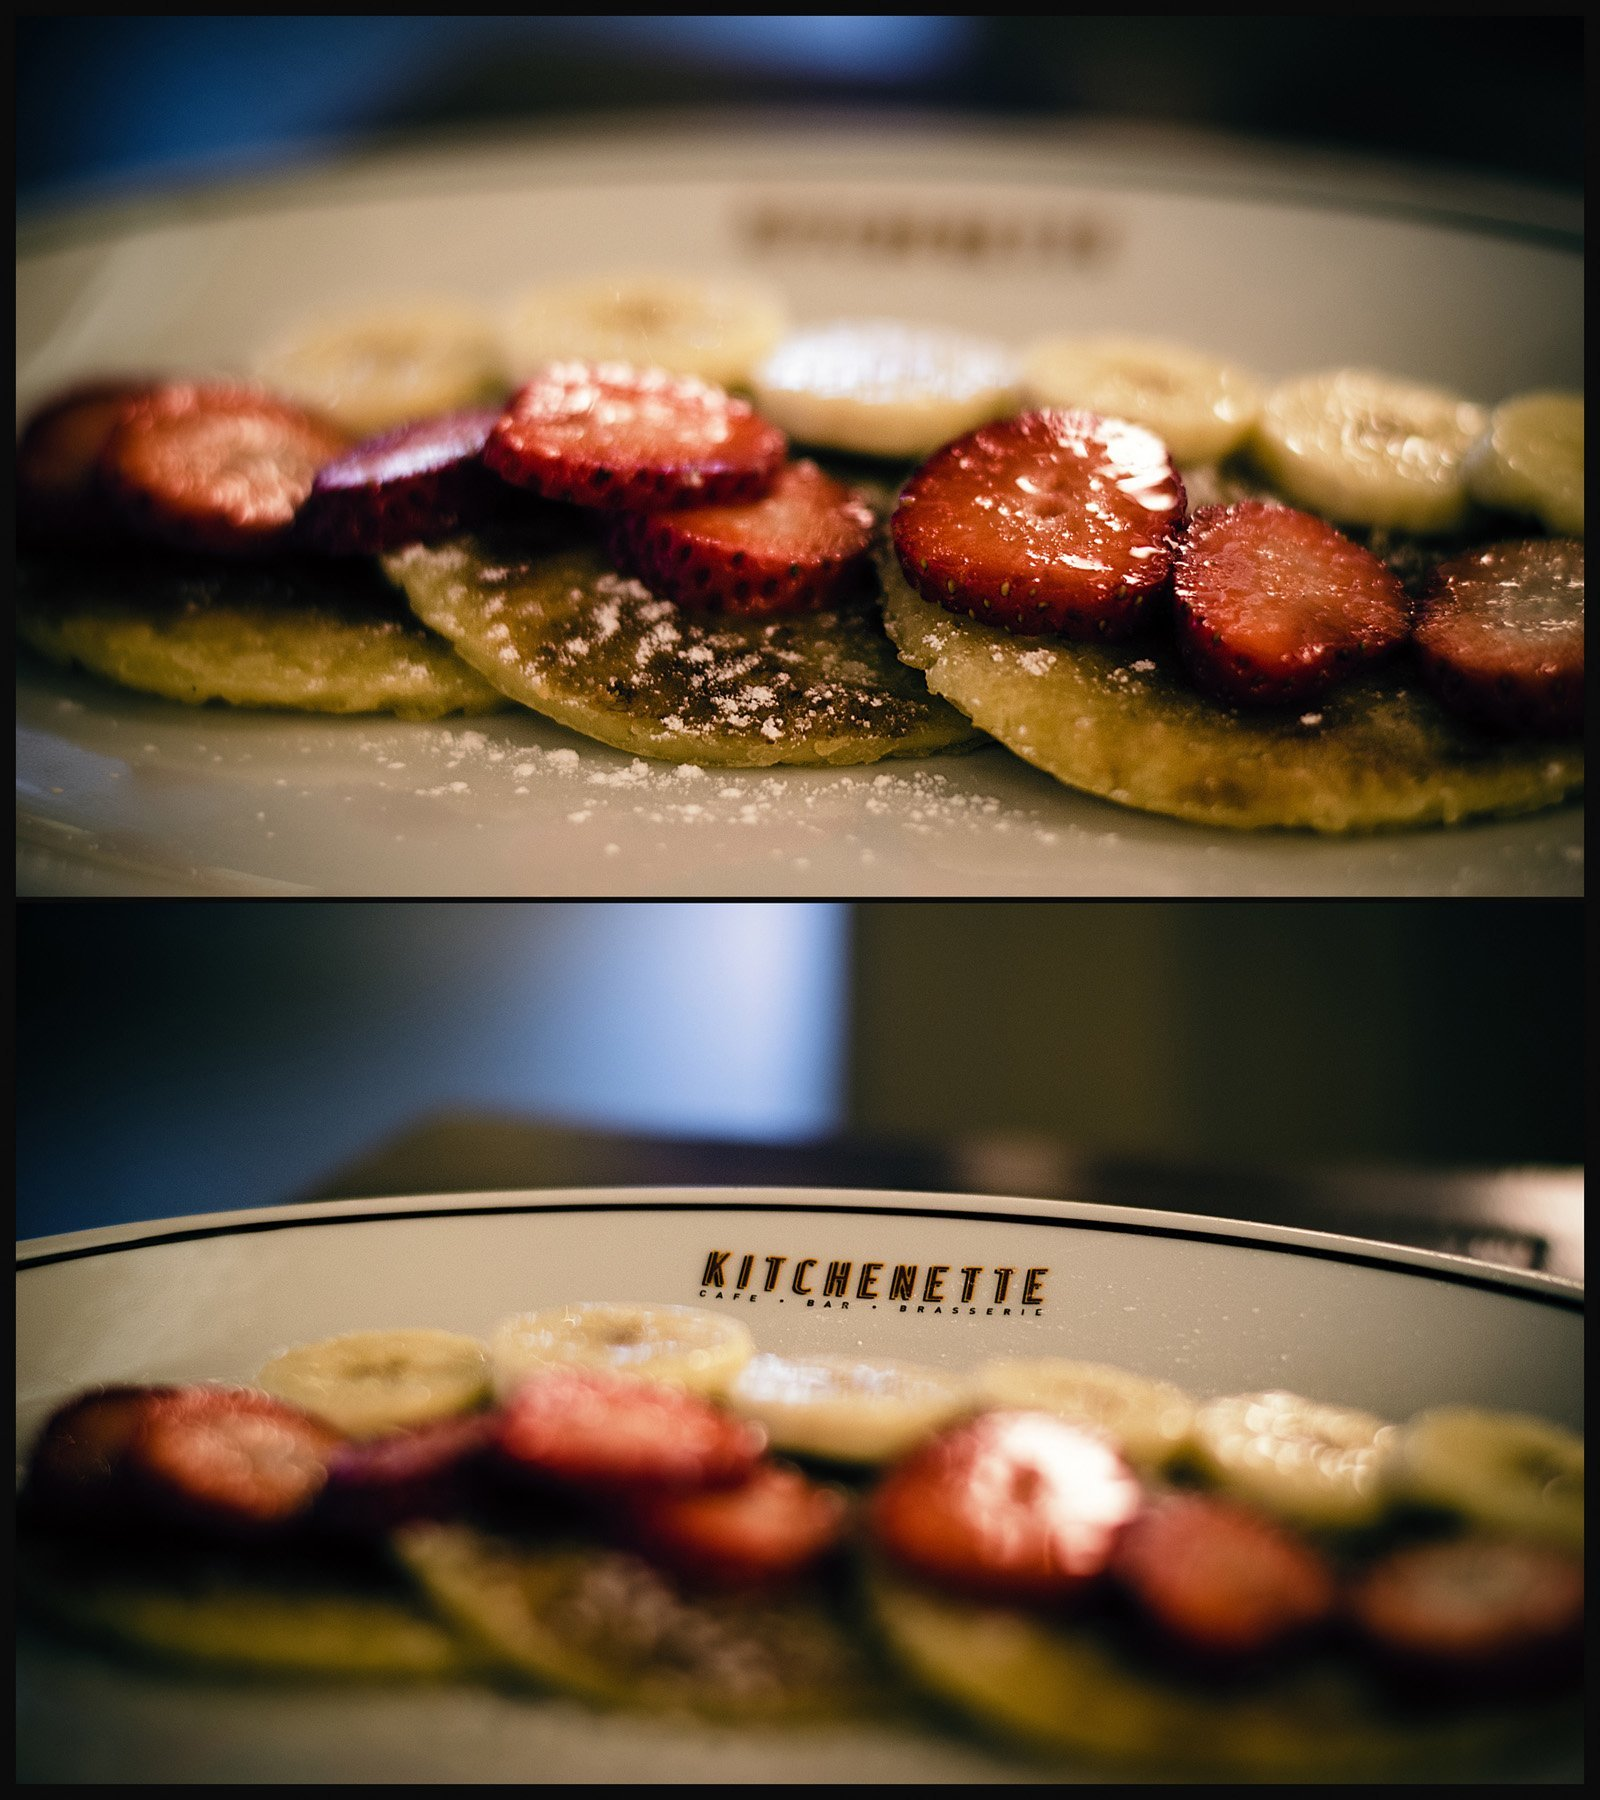 kitchenette yemek keyfi